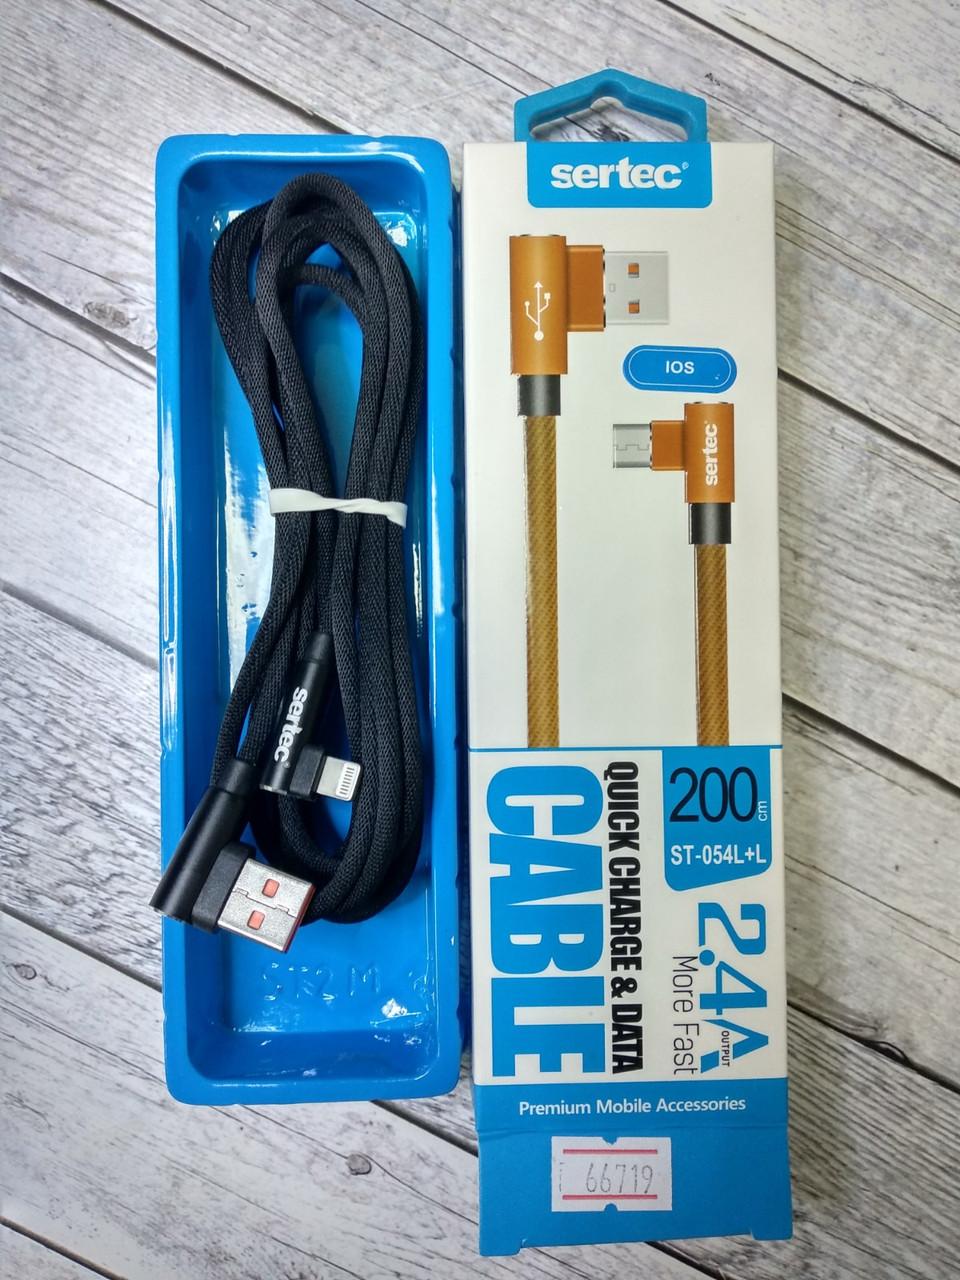 Кабель Usb-cable iPhone Sertec ST-054L+L 2.4A 2m (Г-образный, метал. коннектор, круглый) Black